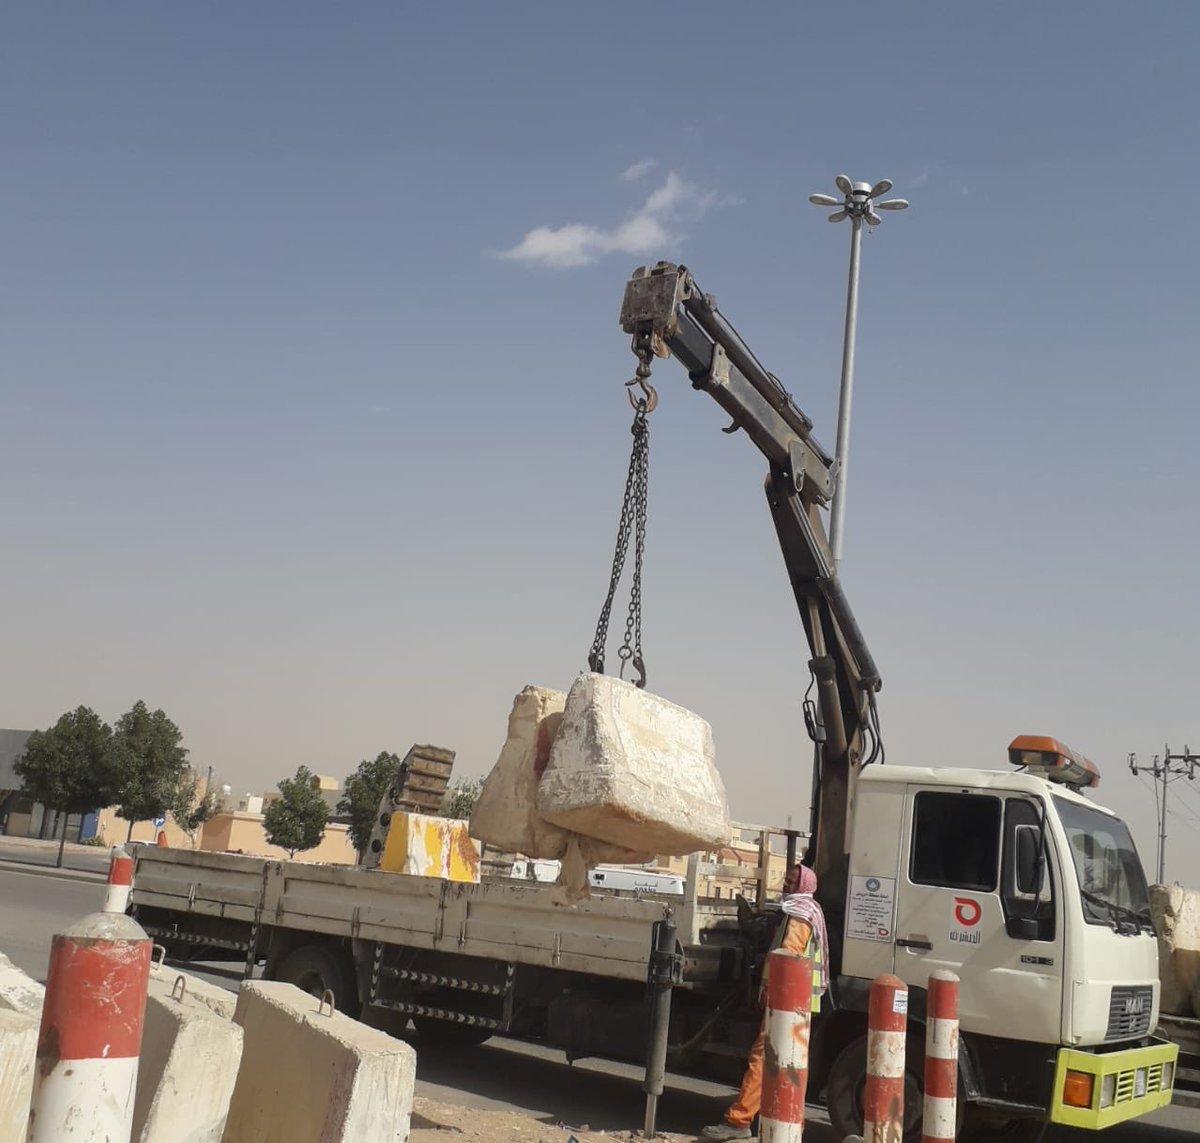 أمانة الرياض تزيل مخيمات مخالفة وحواجز خرسانية بالروضة